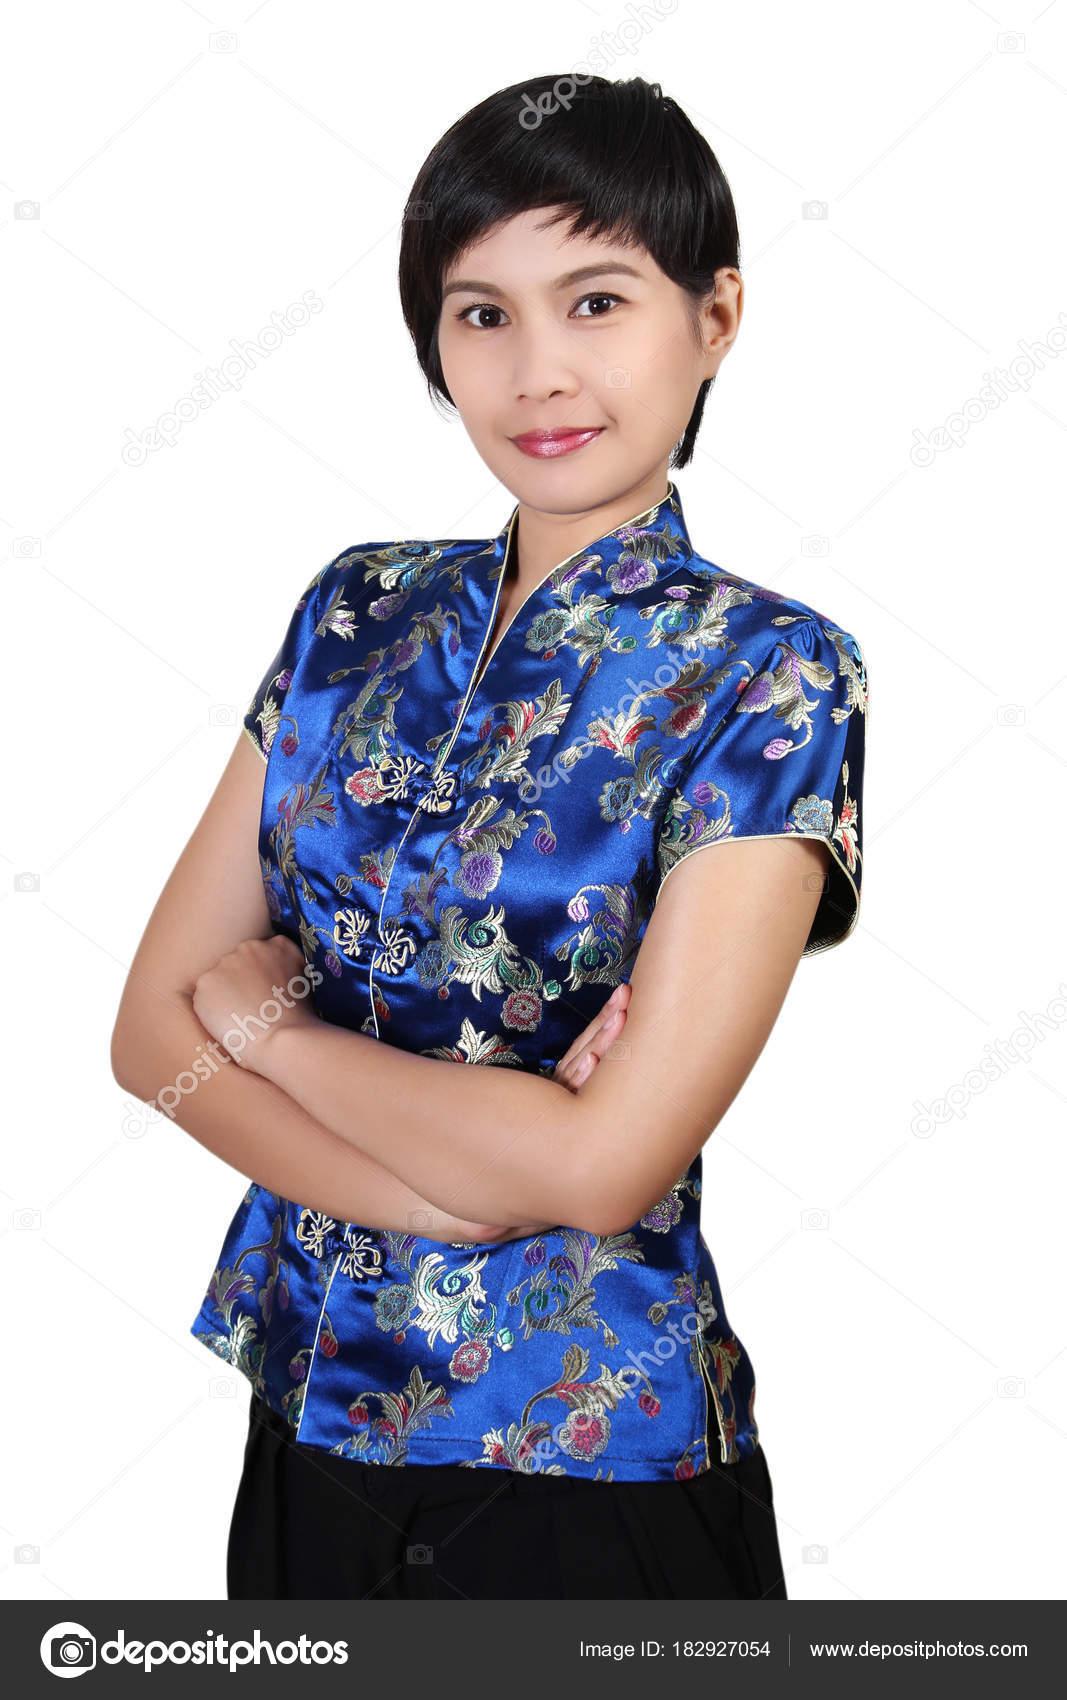 acheter pas cher grande remise nouvelle qualité Femme en vêtements chinois — Photographie pongam © #182927054